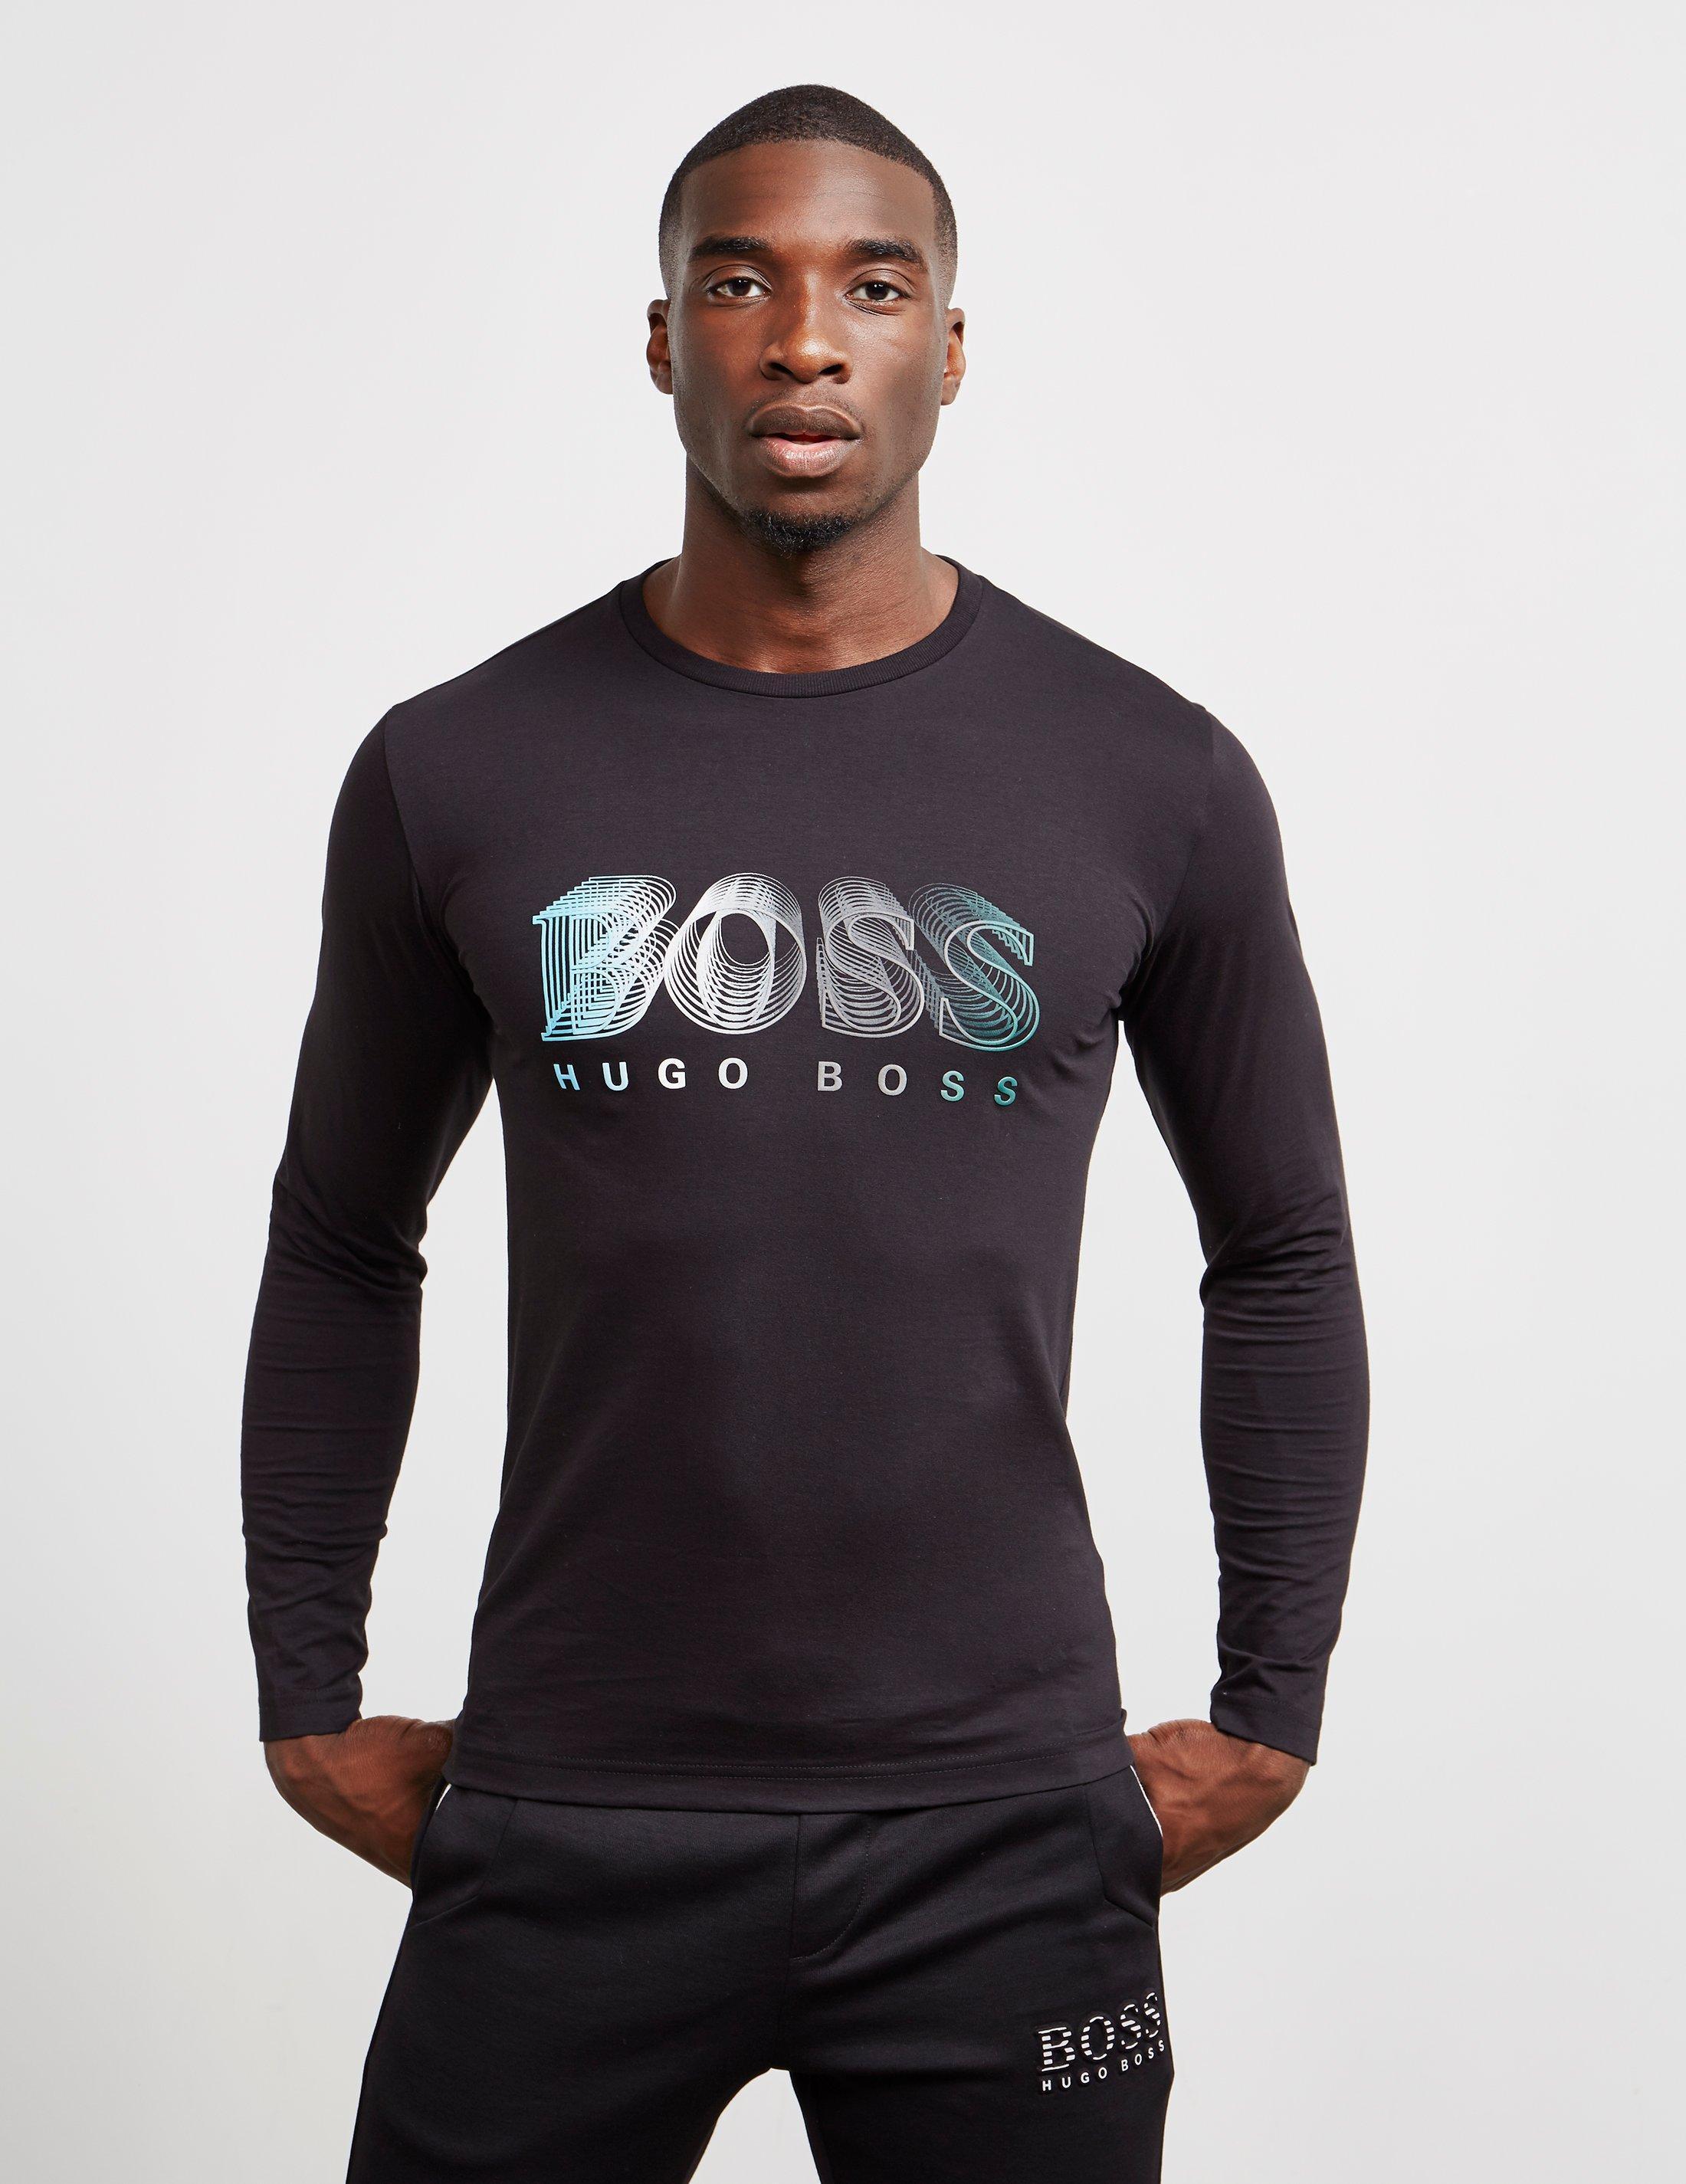 889916395 BOSS Togn1 Long Sleeve T-shirt Black in Black for Men - Lyst